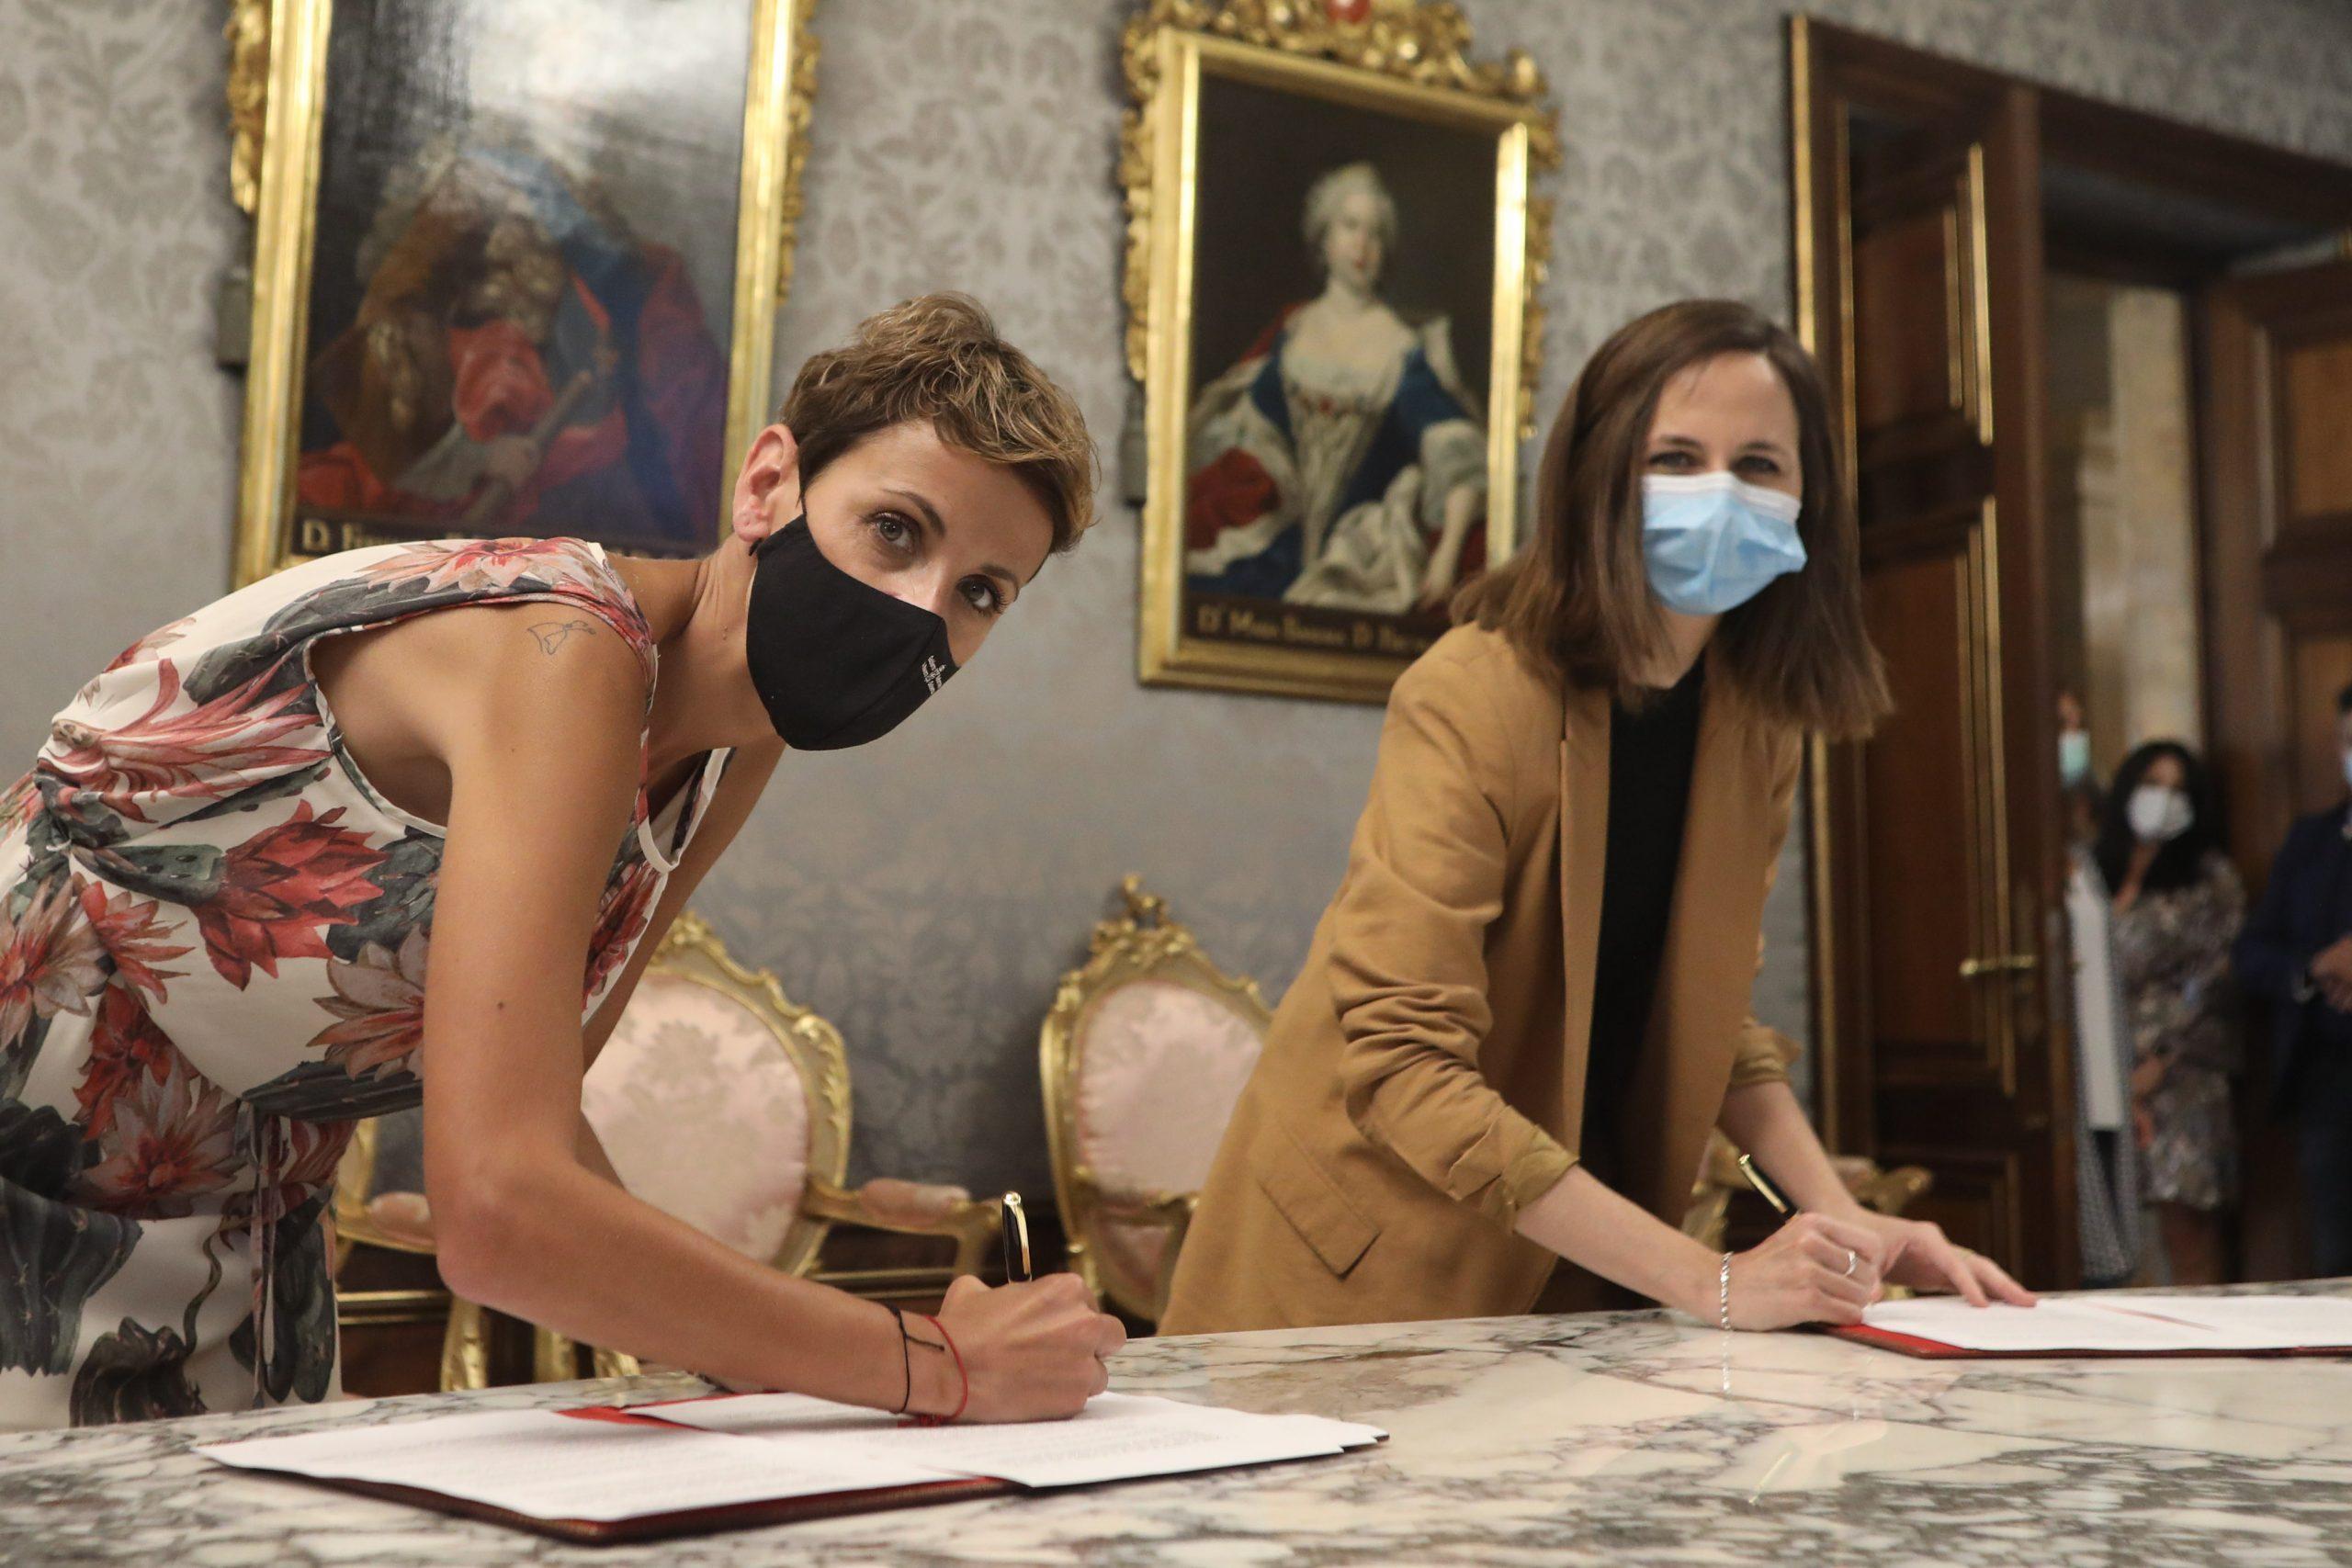 Imagen del momento de la firma la transferencia de fondos a Navarra en la que aparecen Ione Belarra, Ministra de Derechos Sociales y Agenda 2030, y María Chivite, Presidenta del Gobierno de Navarra